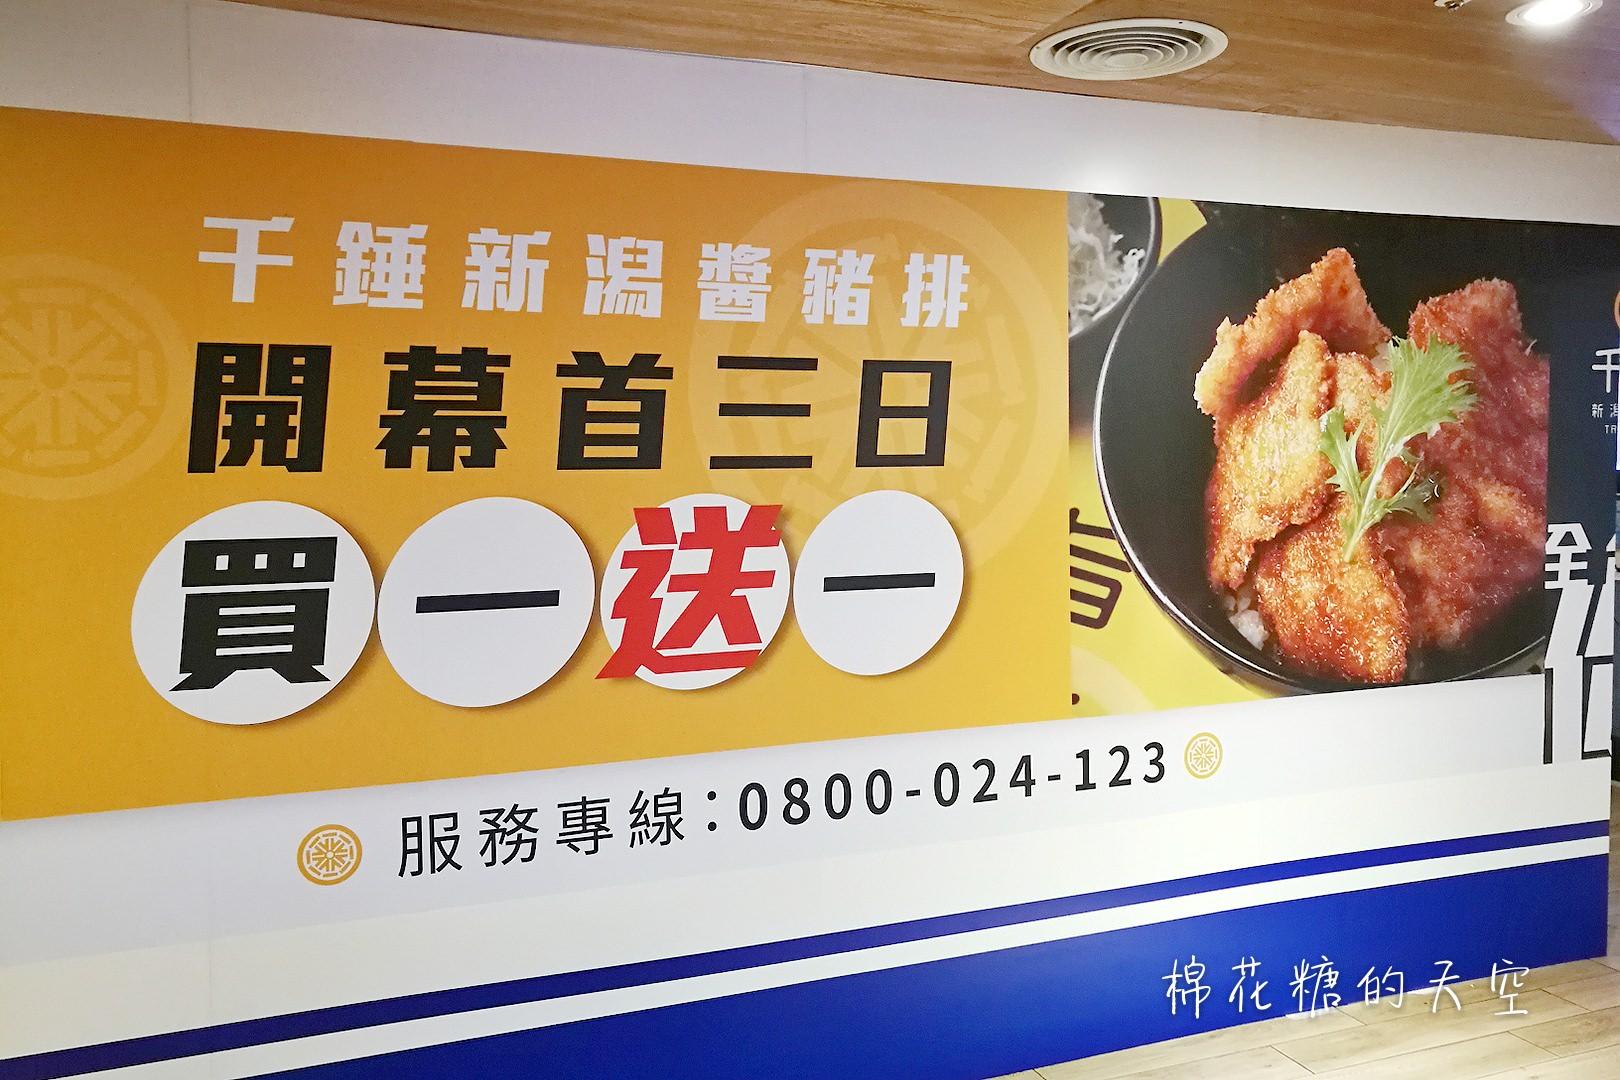 20180522093202 71 - 全台第一家千錘新潟醬豬排在台中!六月中開幕買一送一